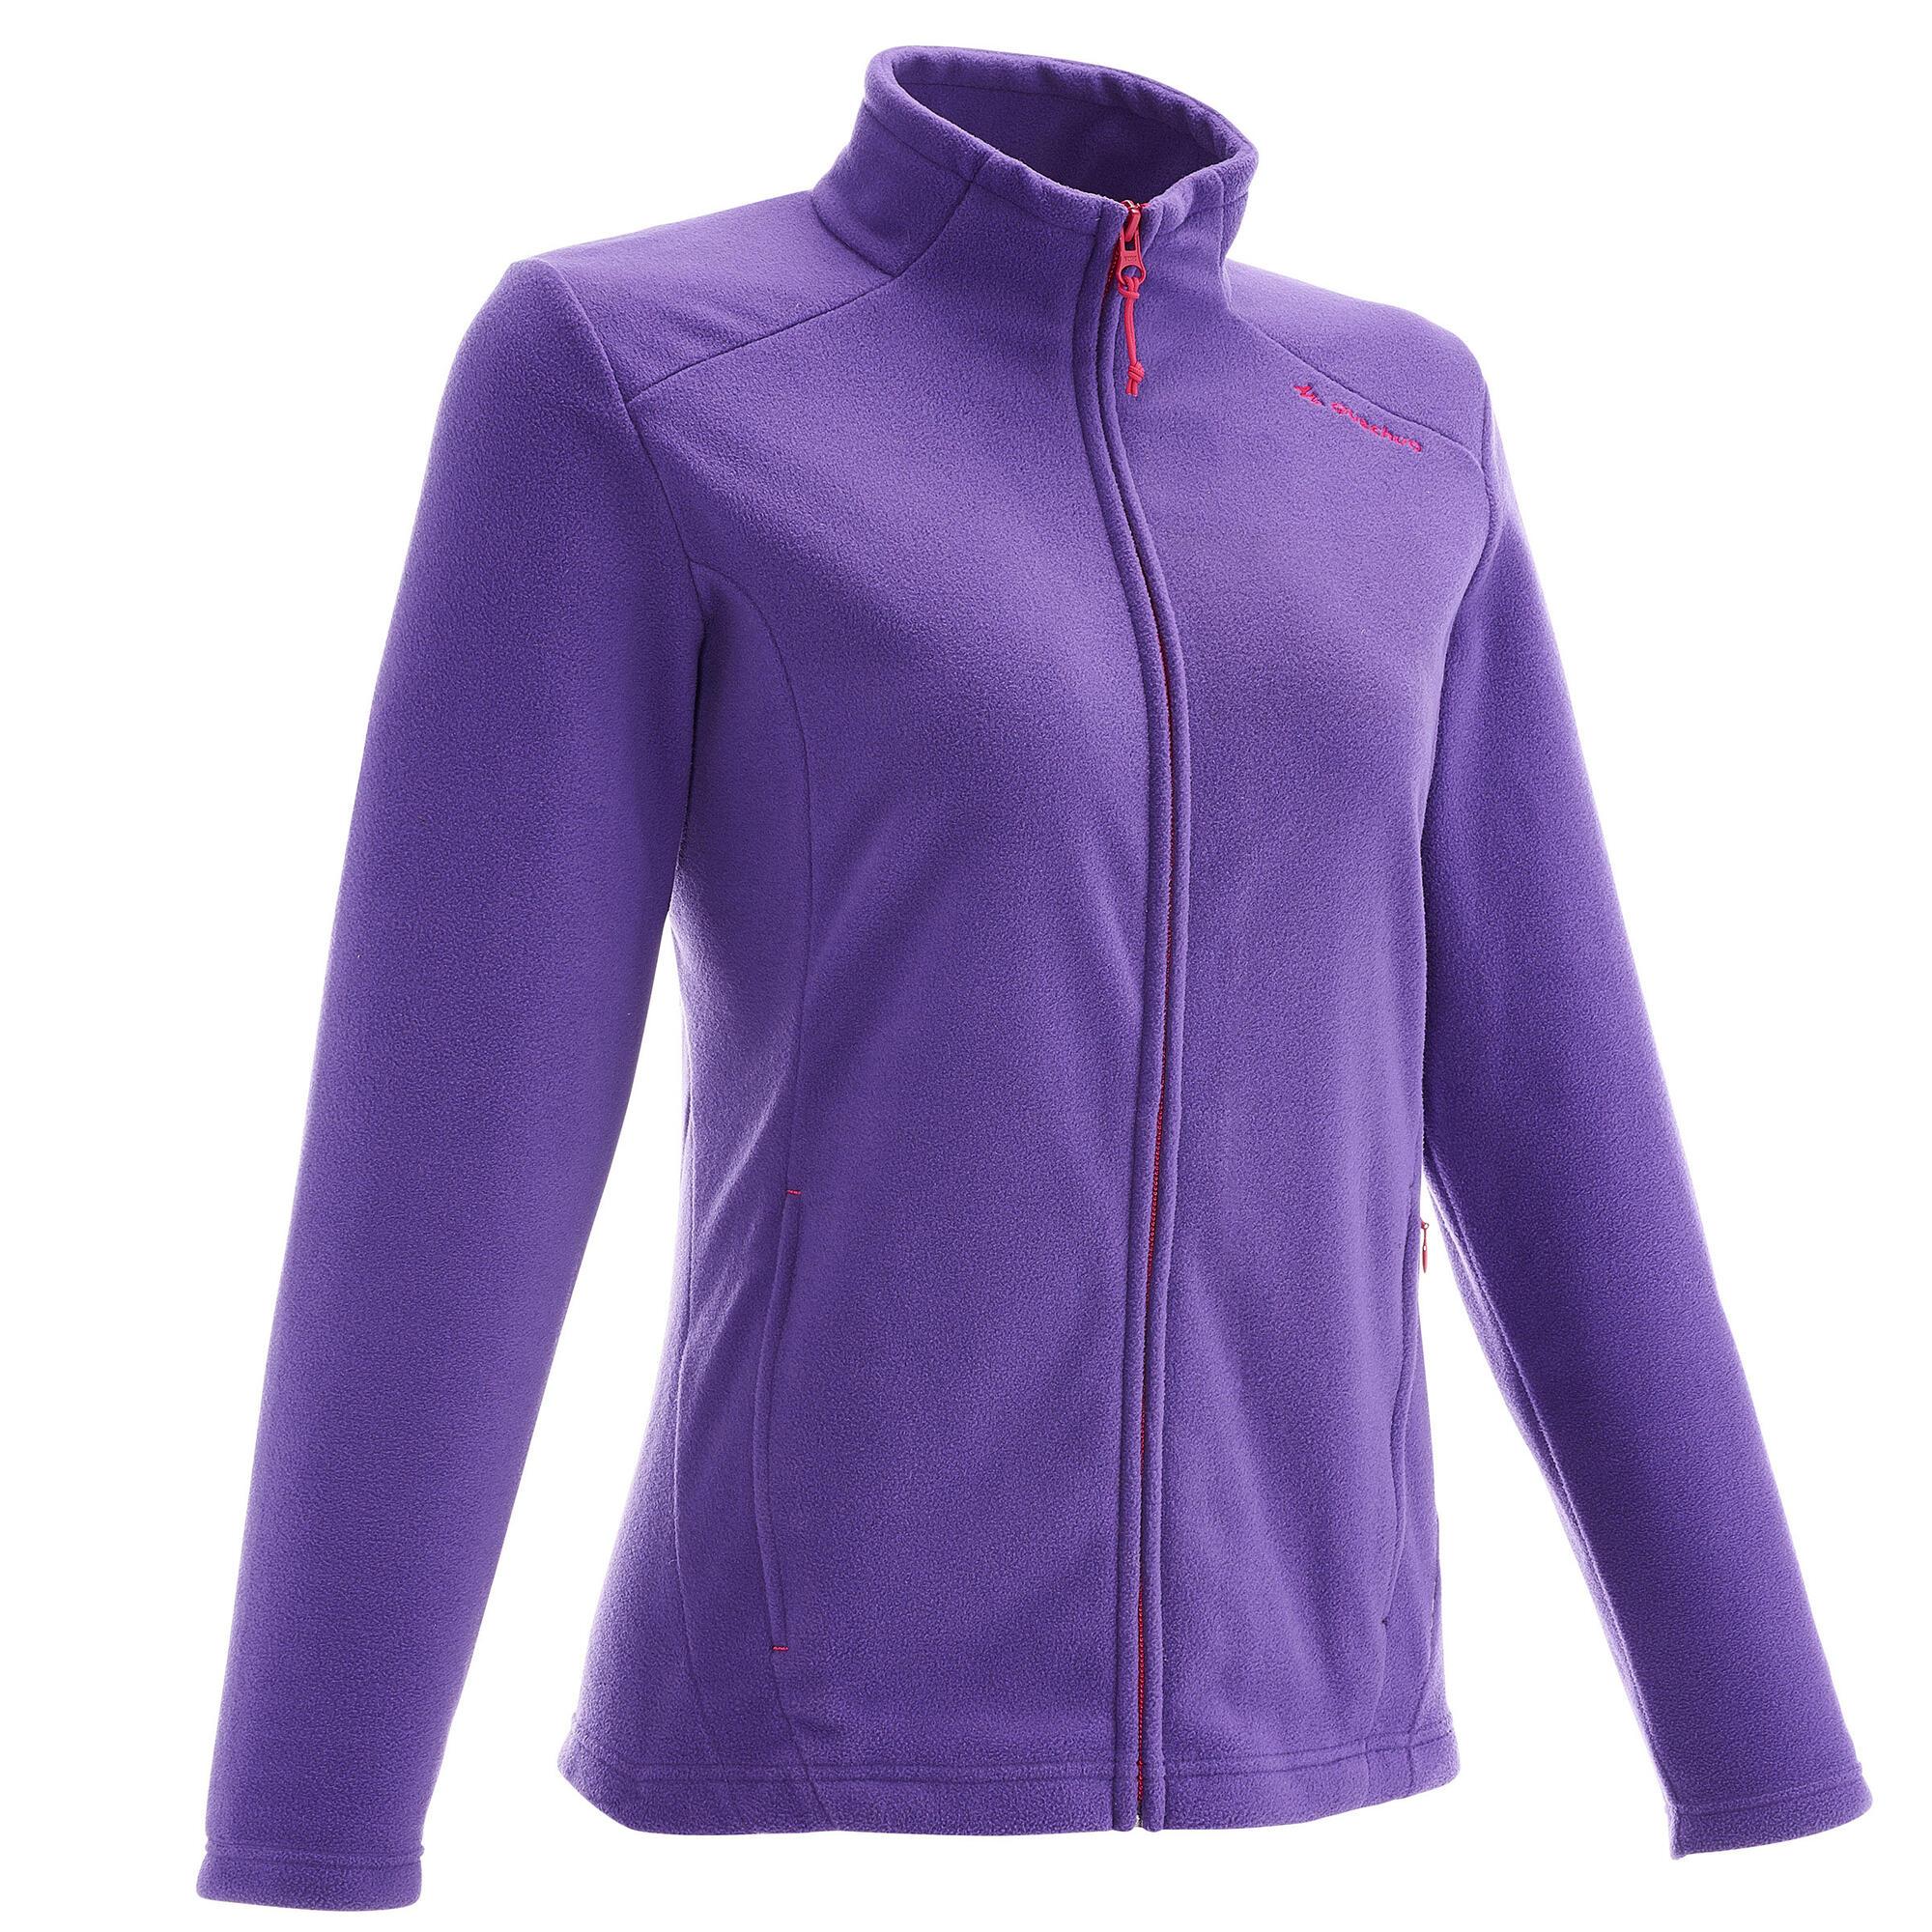 Decathlon veste femme sport